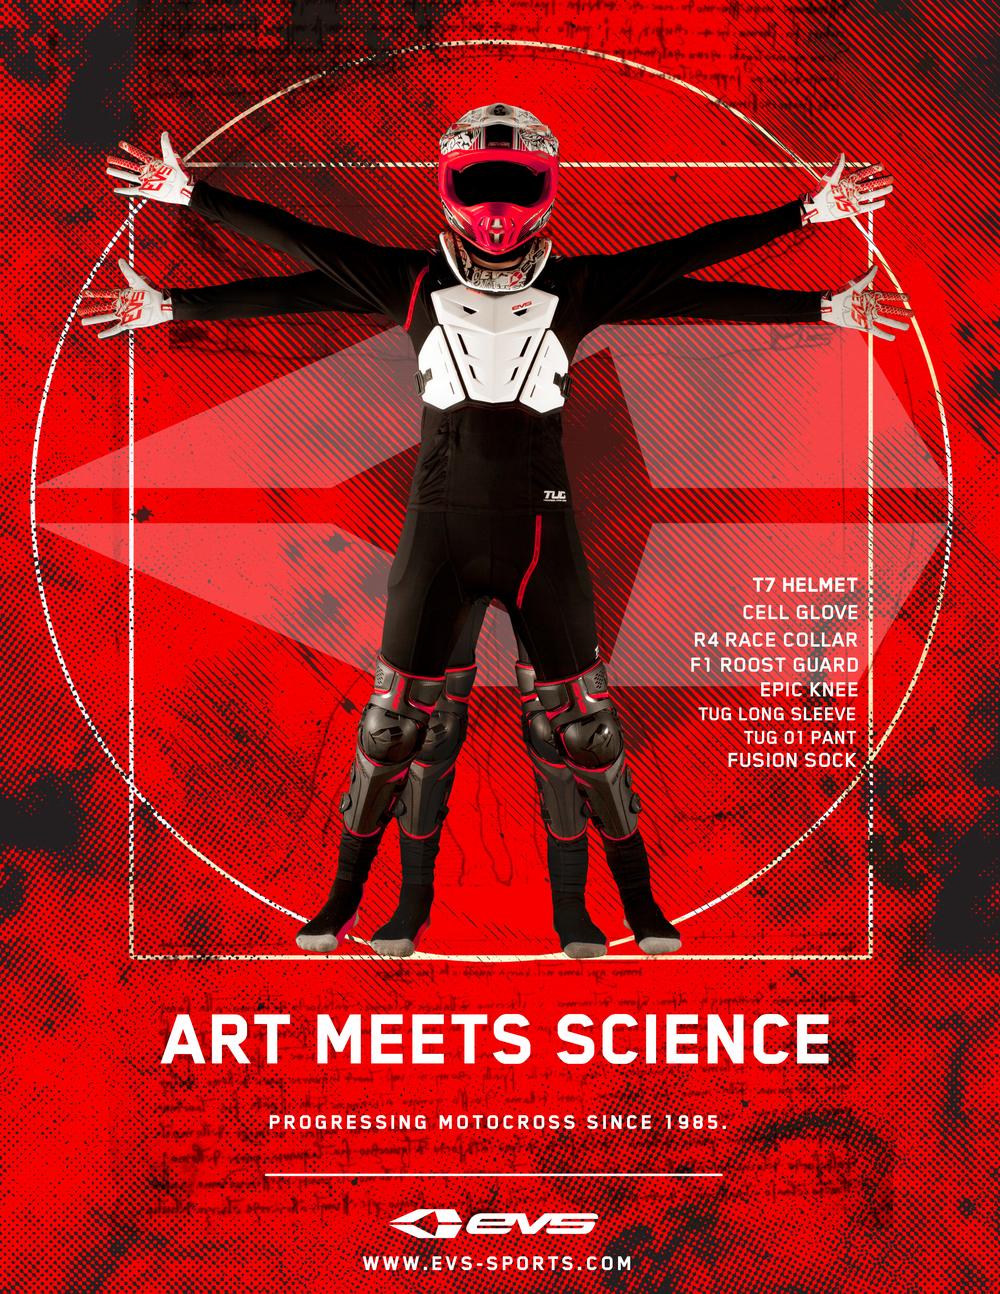 ART-MEETS-SCIENCE-2-web.jpg